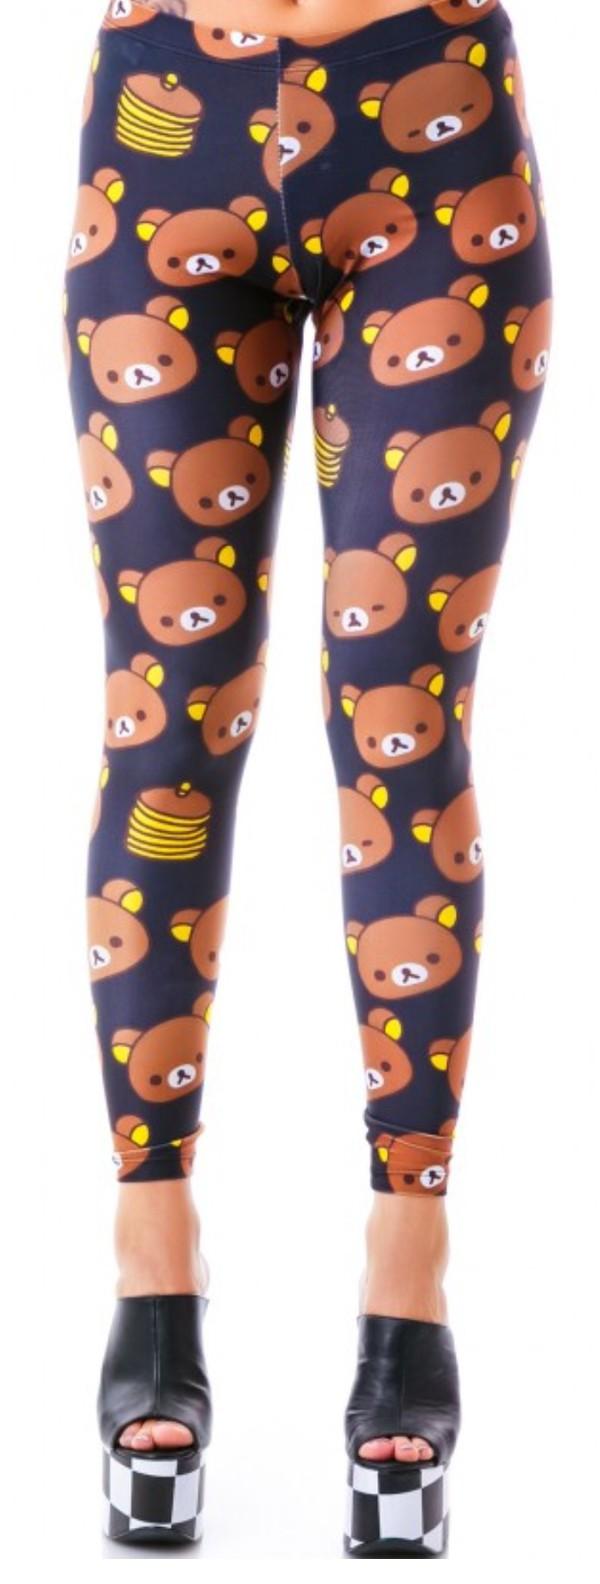 leggings kawaii Pankakes printed leggings bear